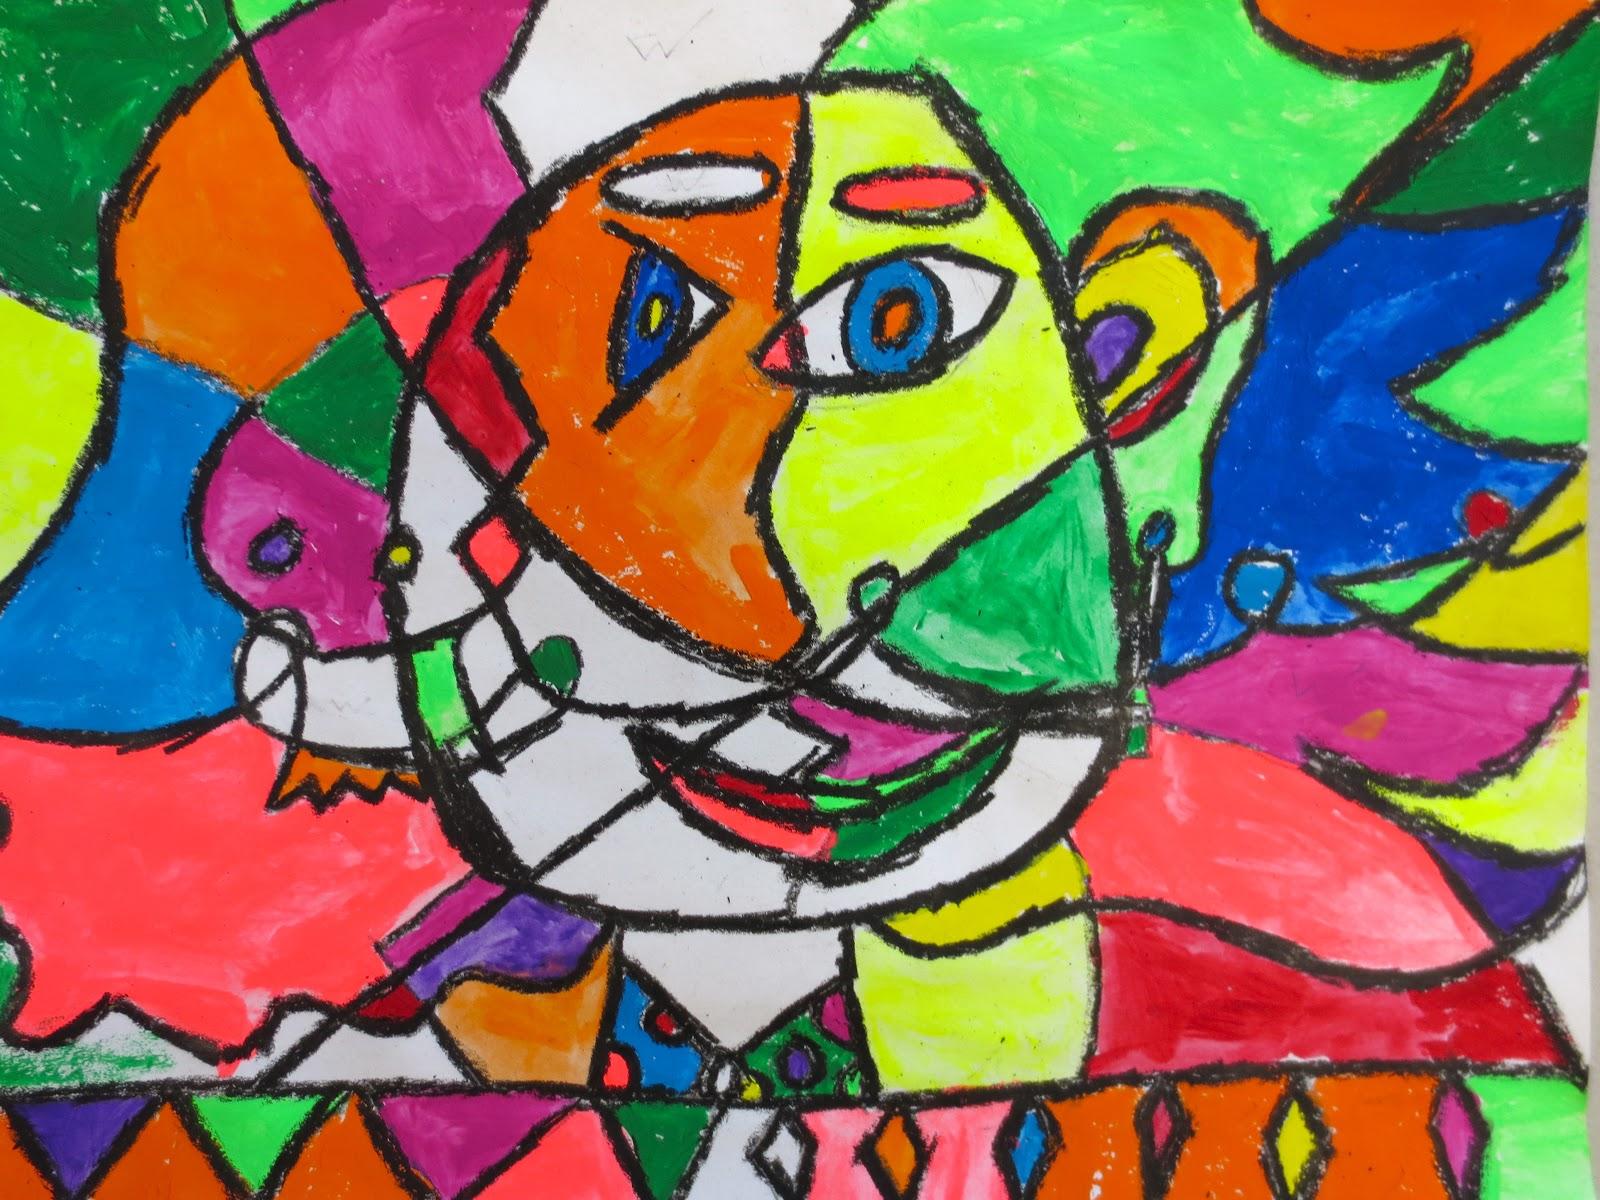 IMG_1485  Th Grade November Art on super best friends art, american folk art, grade 8 art, eighth grade art, seventh grade art, kindergarten art, third grade clip art, van gogh art, professor chaos art, paper quilling art, toilet paper art, grade 4 clip art, middle school art, pencil crayon art, grade 7 art, tenth grade clip art, grade 1 clip art, 4th of july art, australian art,